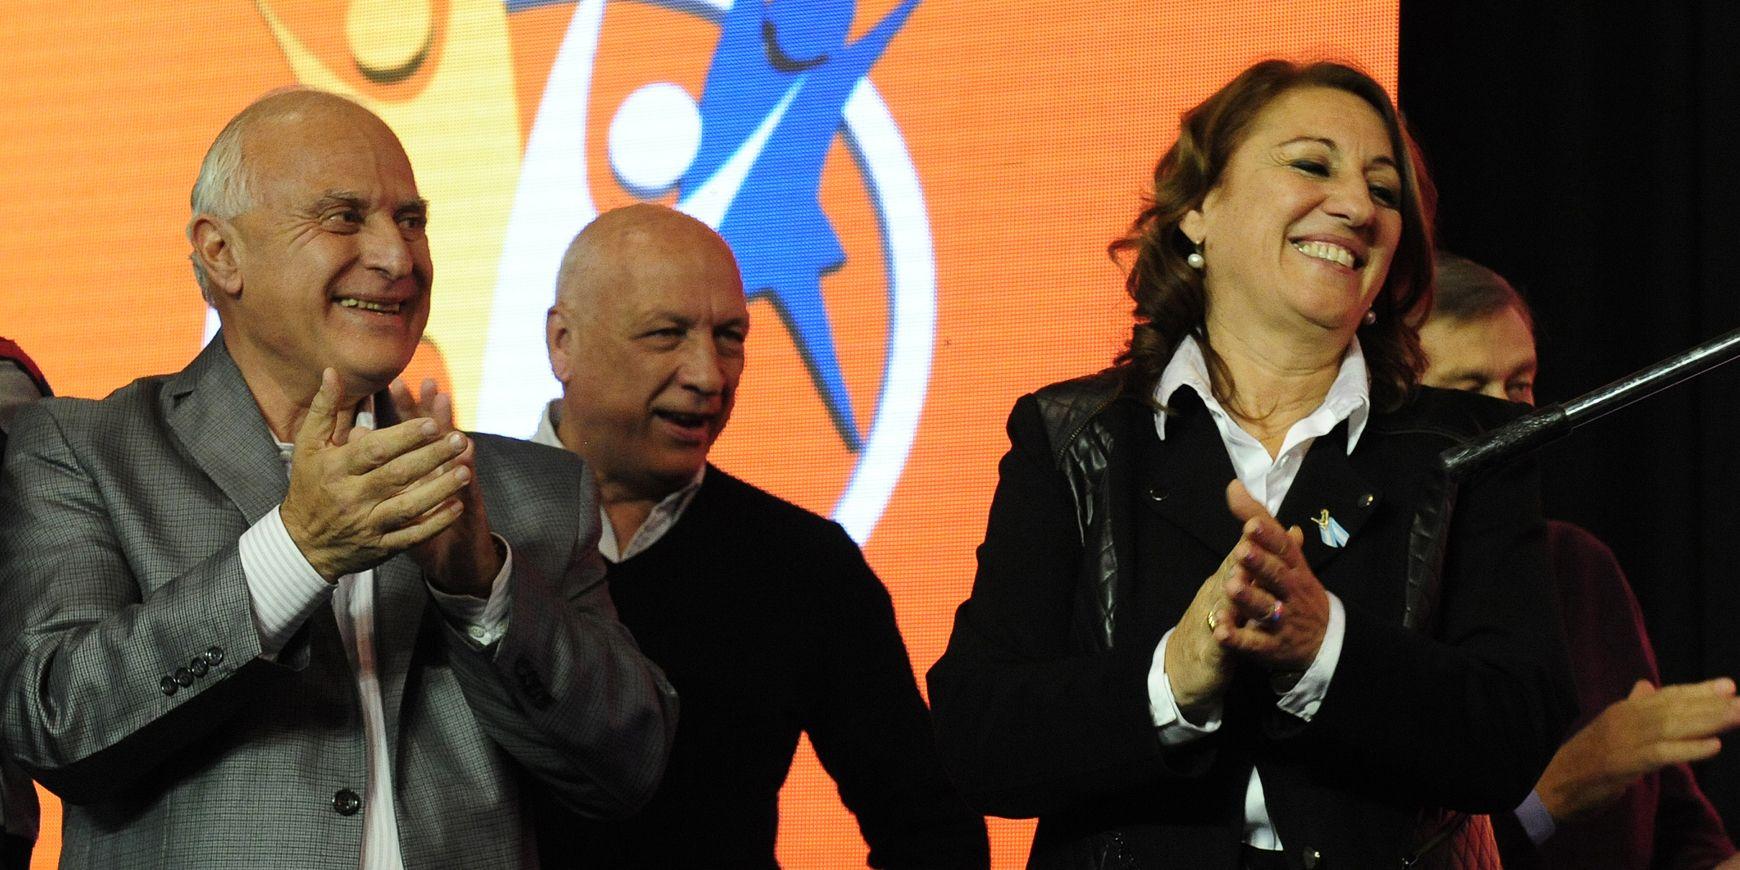 Lifschitz y Bonfatti celebraron anoche en el Patio de la Madera el triunfo de Fein. La intendenta gobernará la ciudad hasta el 2019.